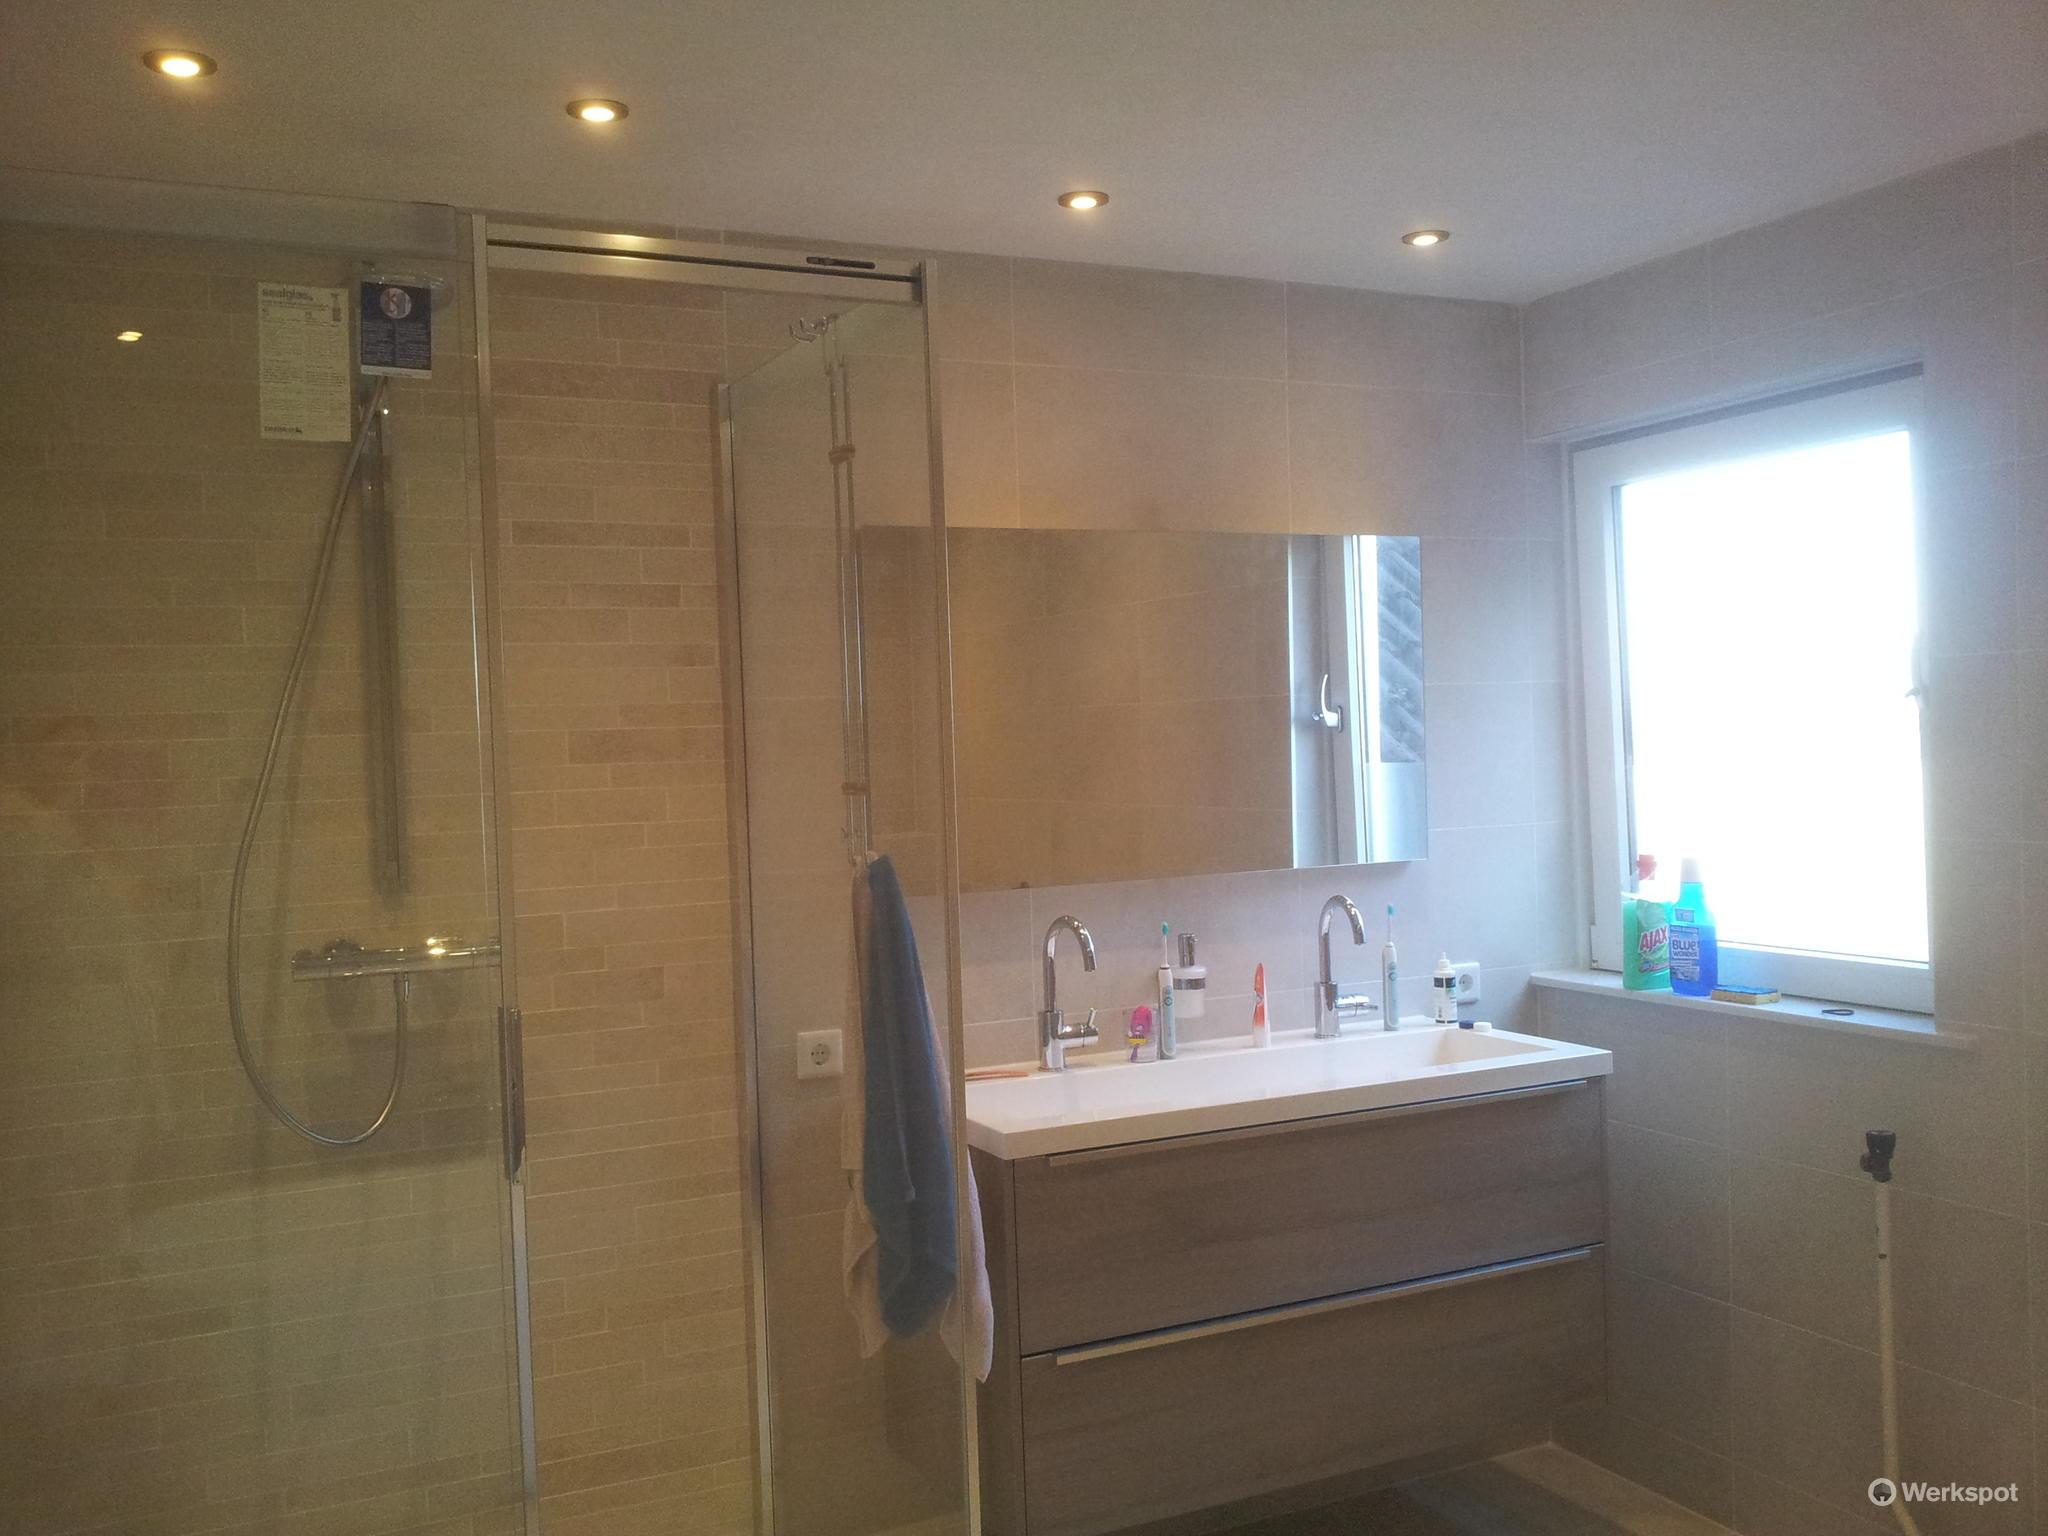 renoveren badkamer keuken toilet bijkeuken en hal werkspot